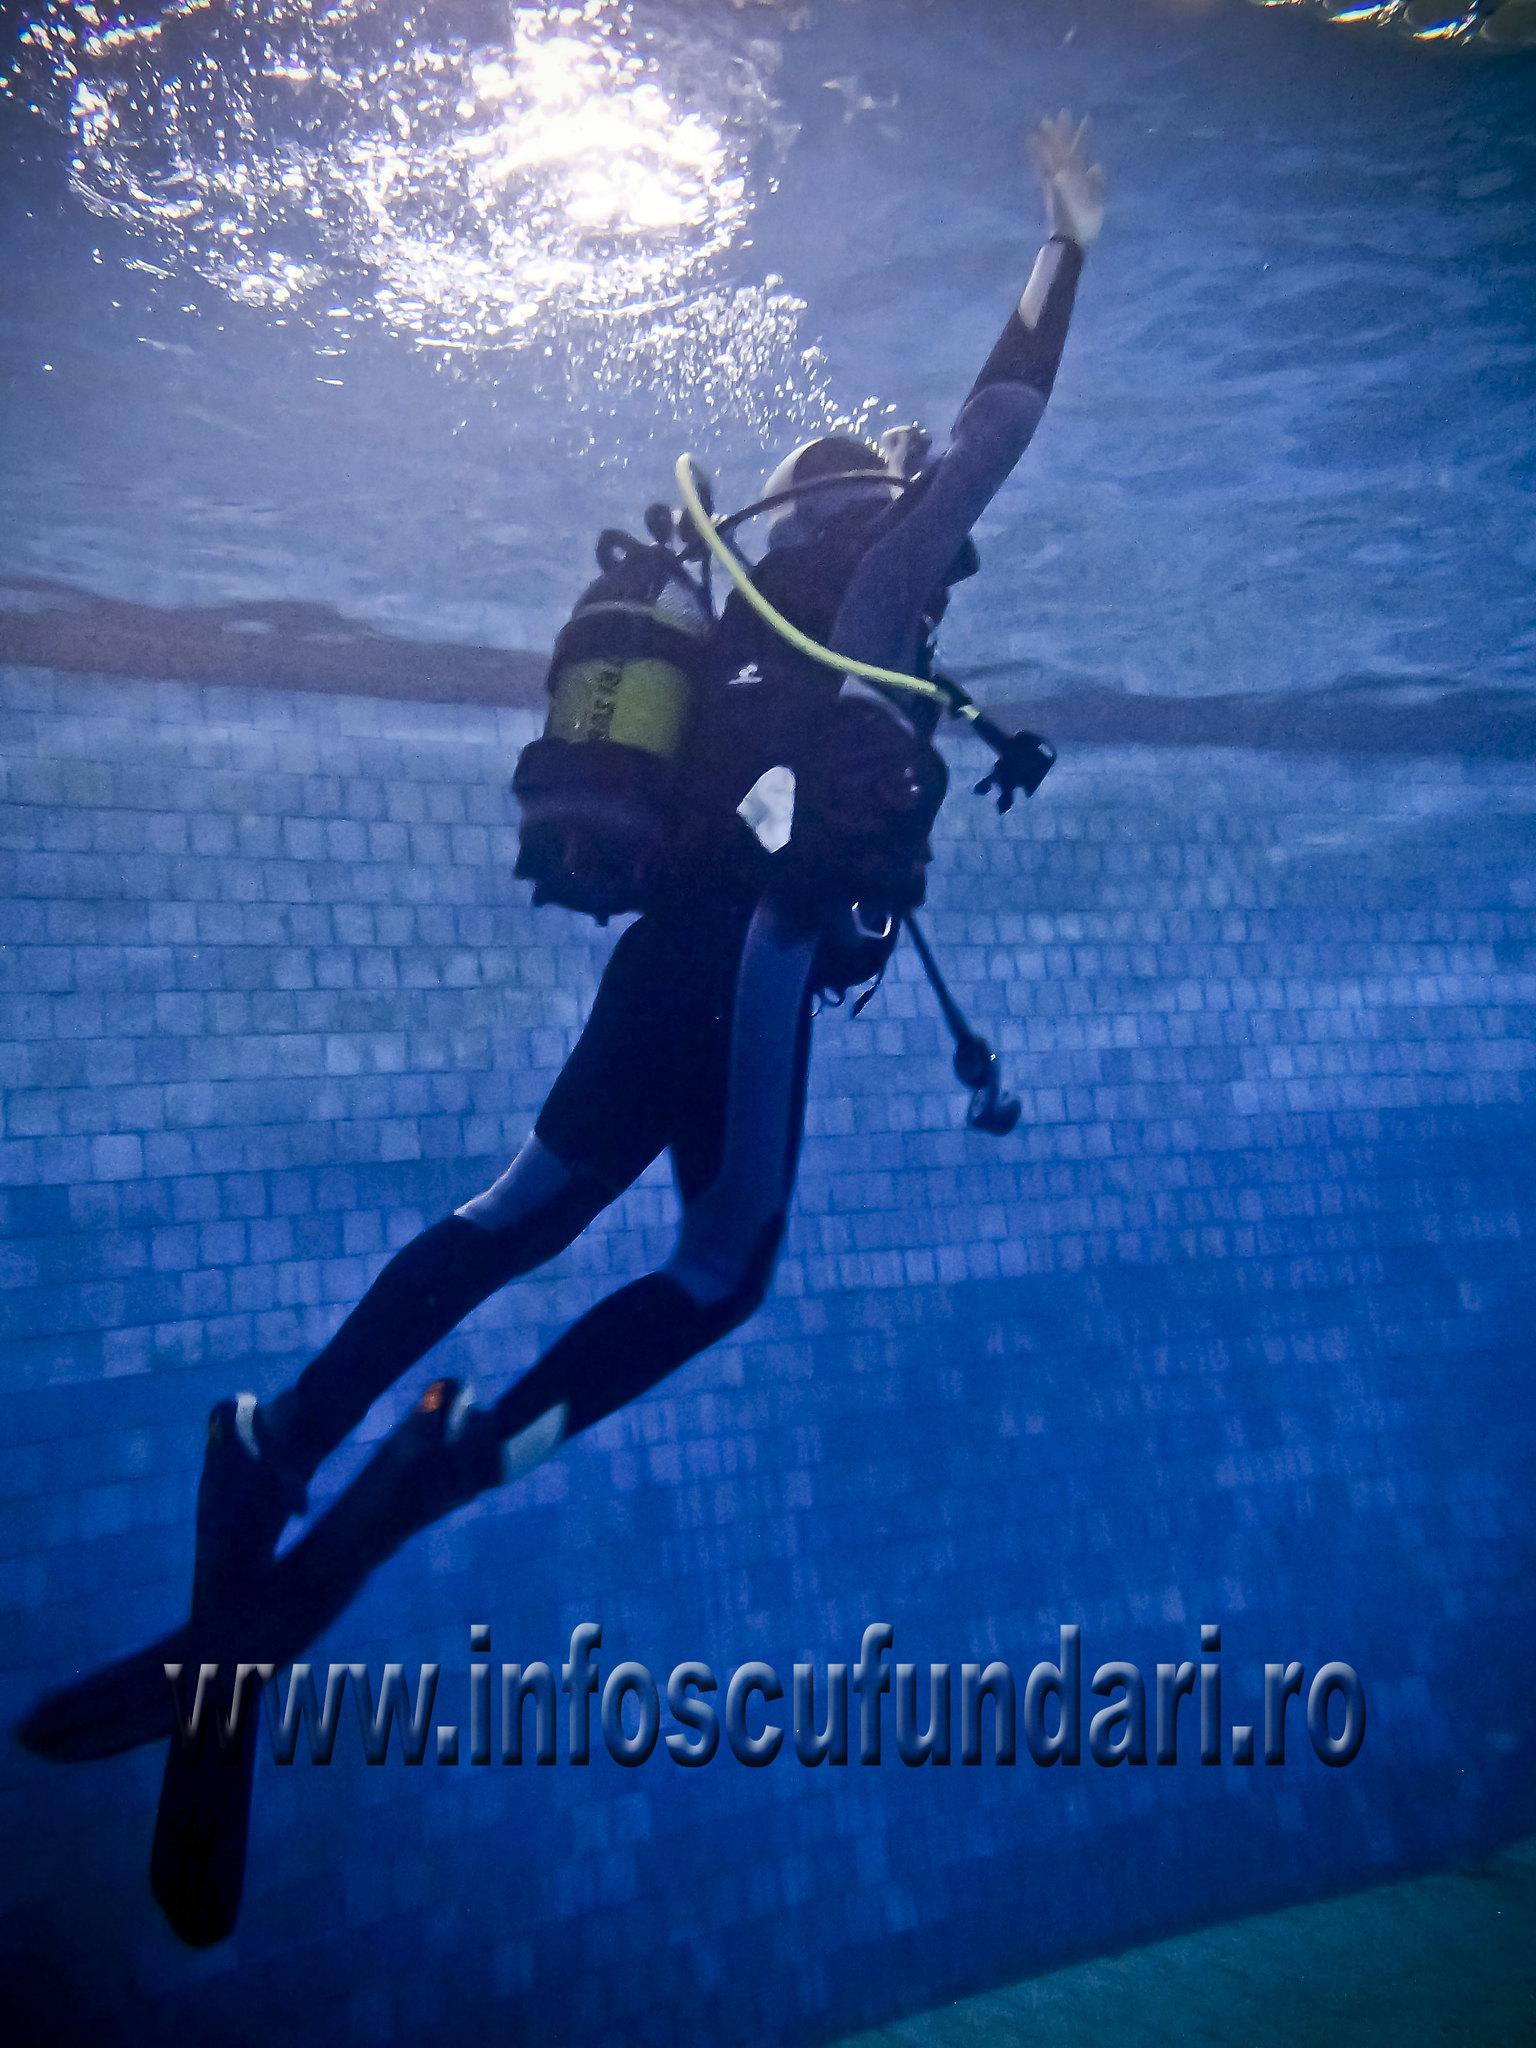 NAUI Rescue Scuba Diver